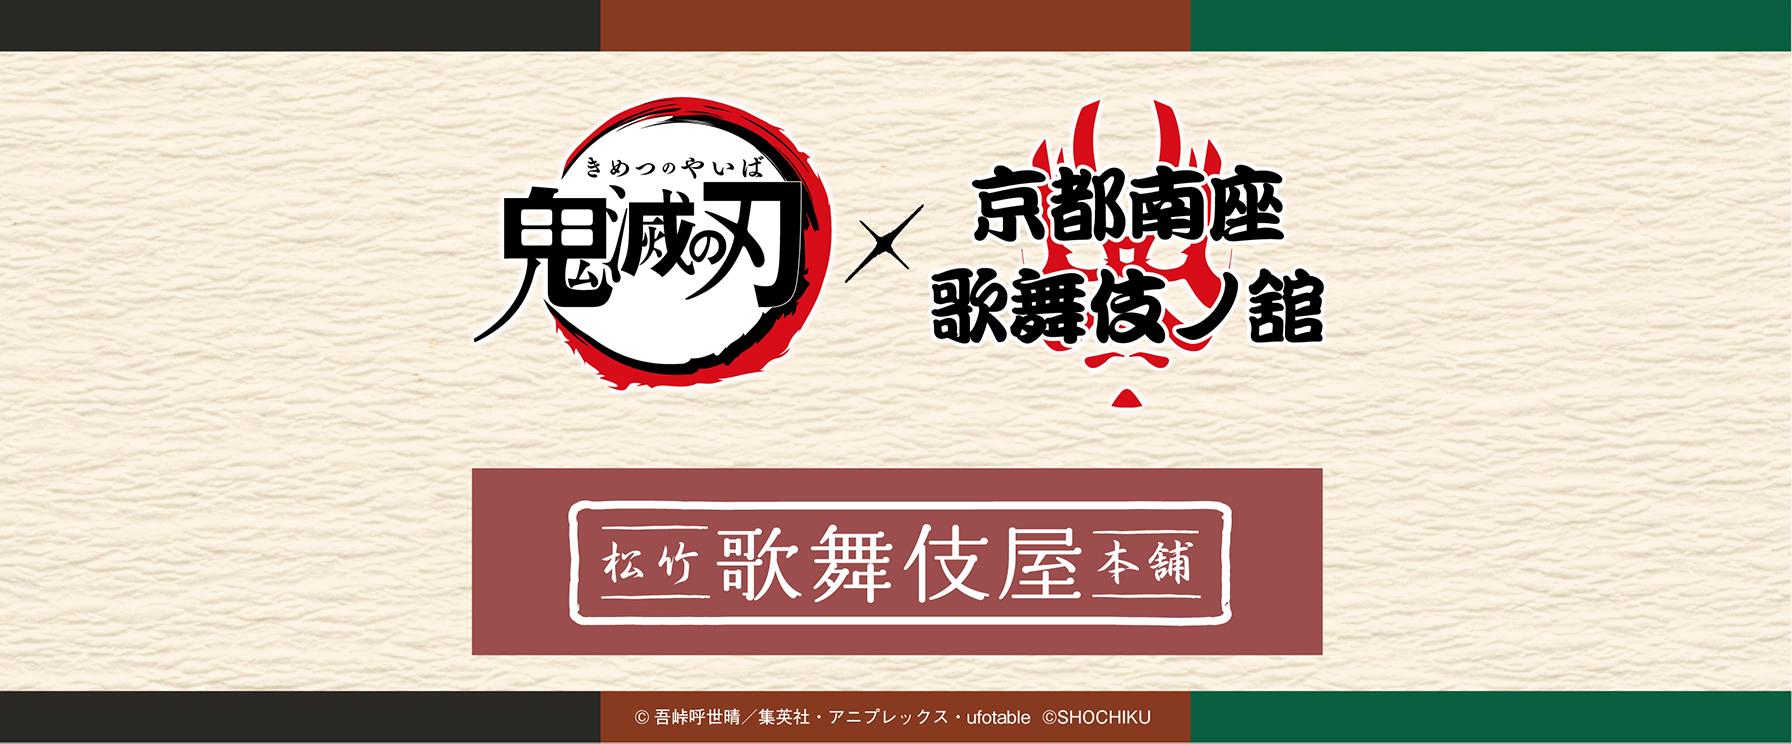 【12月29日(火)】「鬼滅の刃 × 京都南座 歌舞伎ノ舘」コラボグッズ事後物販